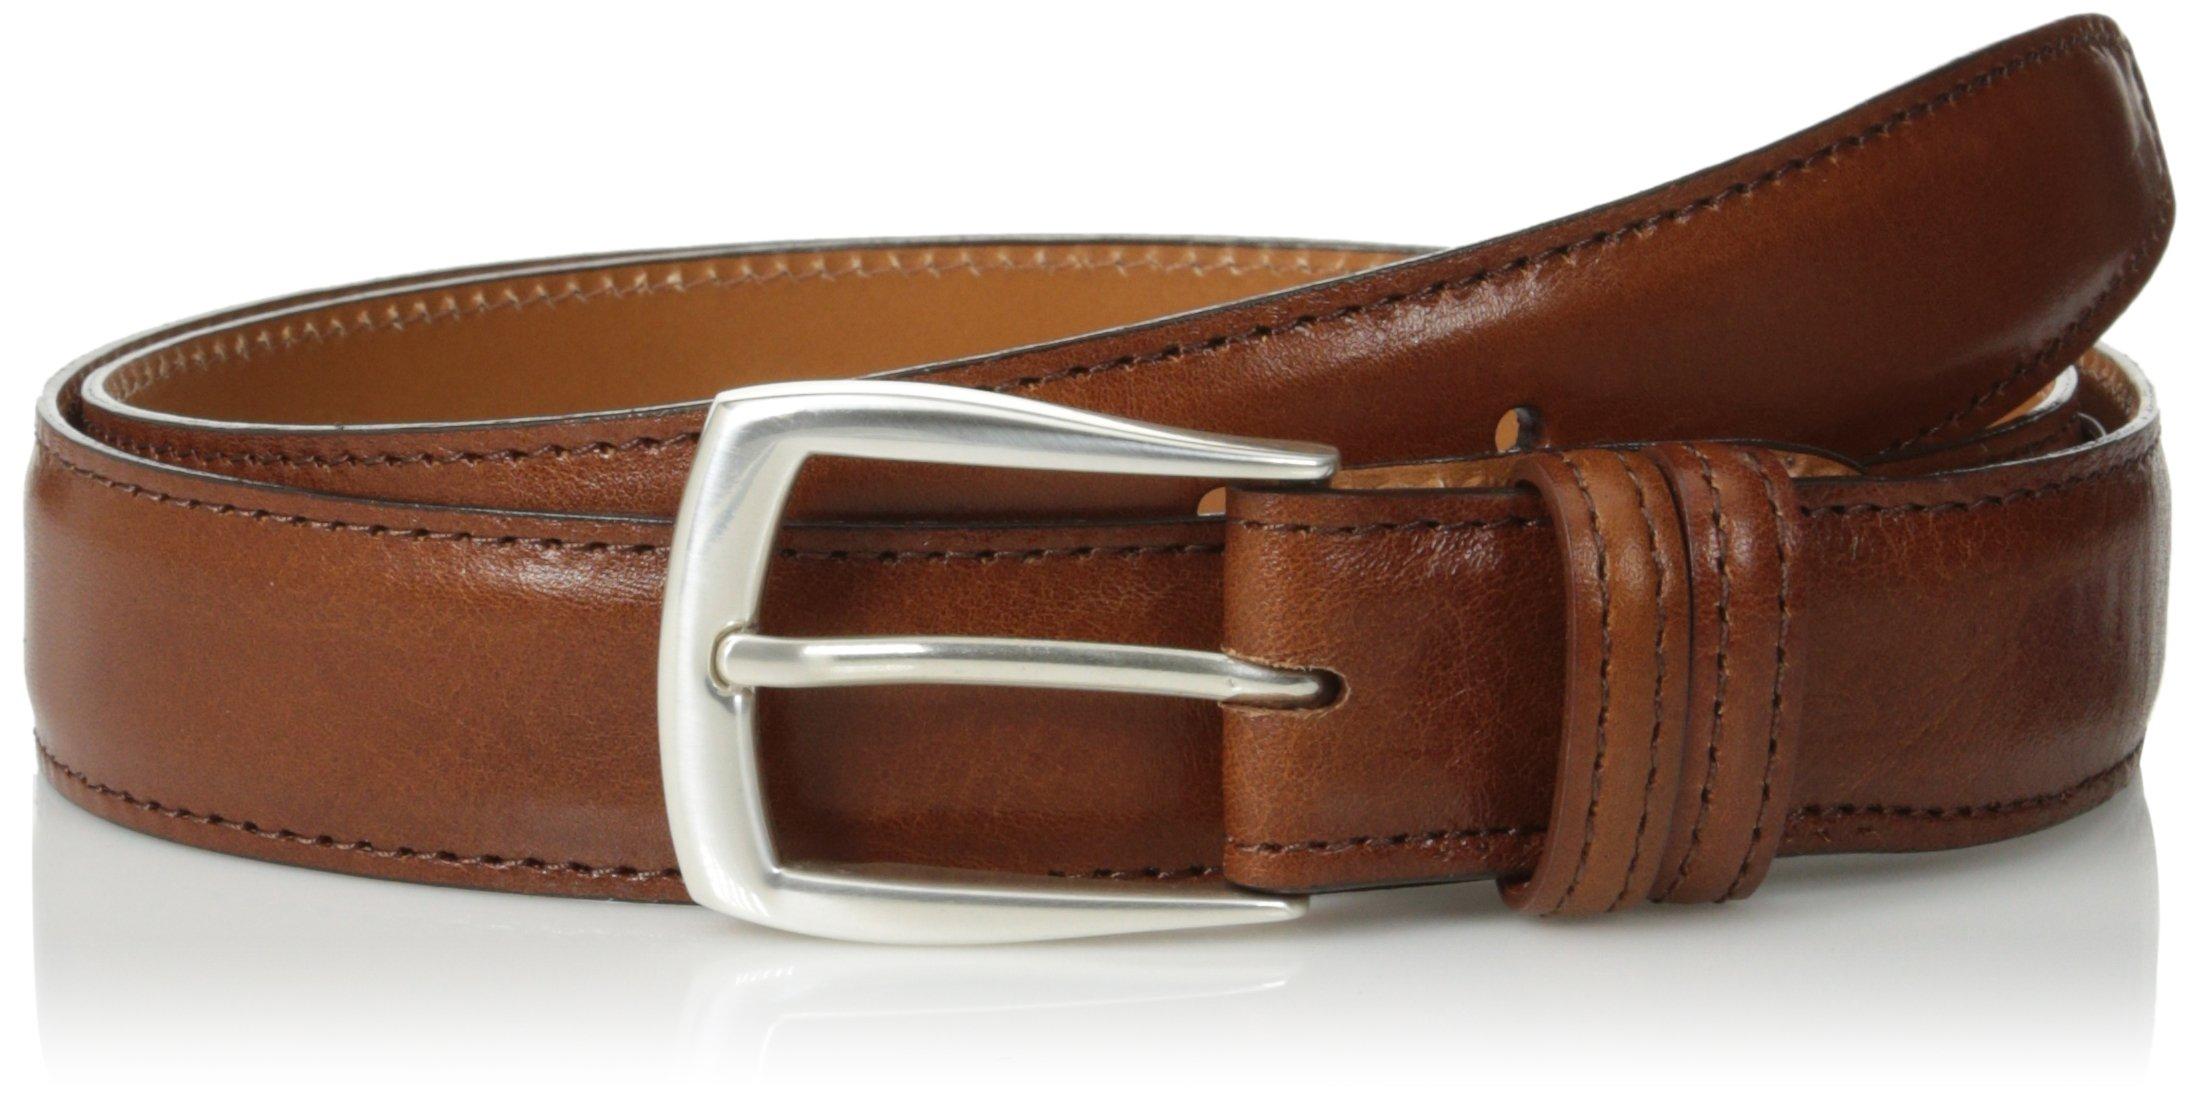 Trafalgar Men's Italian Calf Belt,Cognac,42